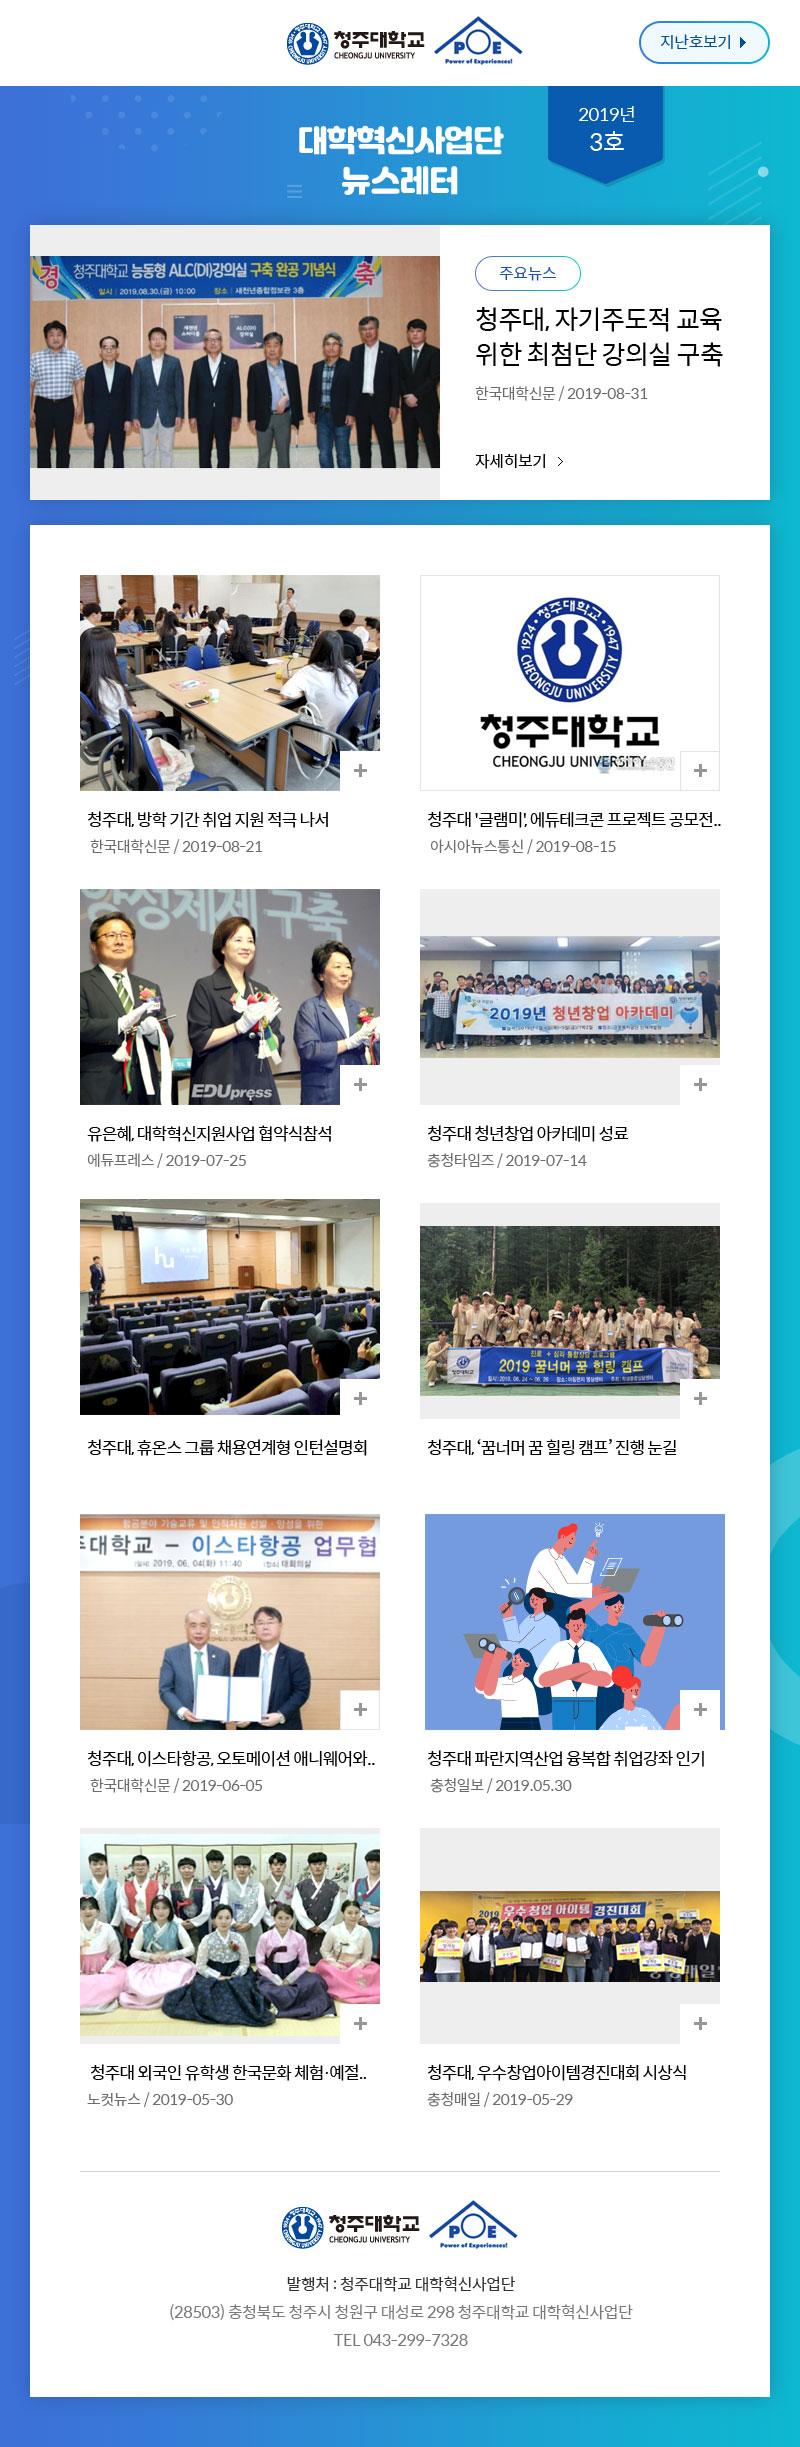 대학혁신사업단 뉴스레터 2019년 3호 뉴스레터